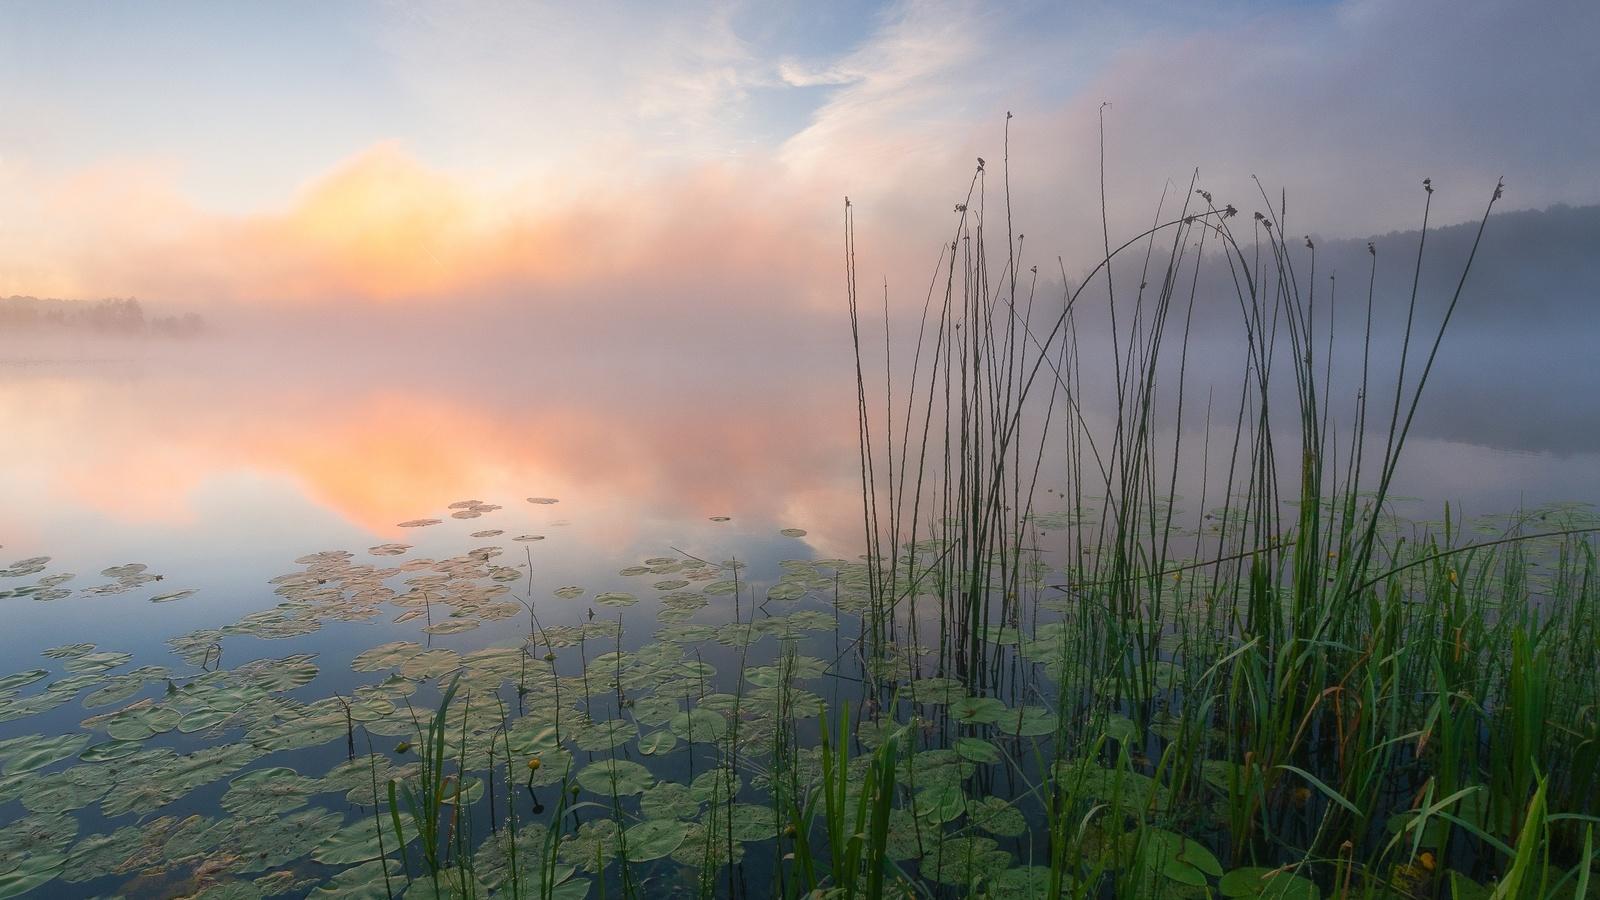 лето, речка, кувшинки, туман, пейзаж, красиво, утро, фотограф, андрей олонцев